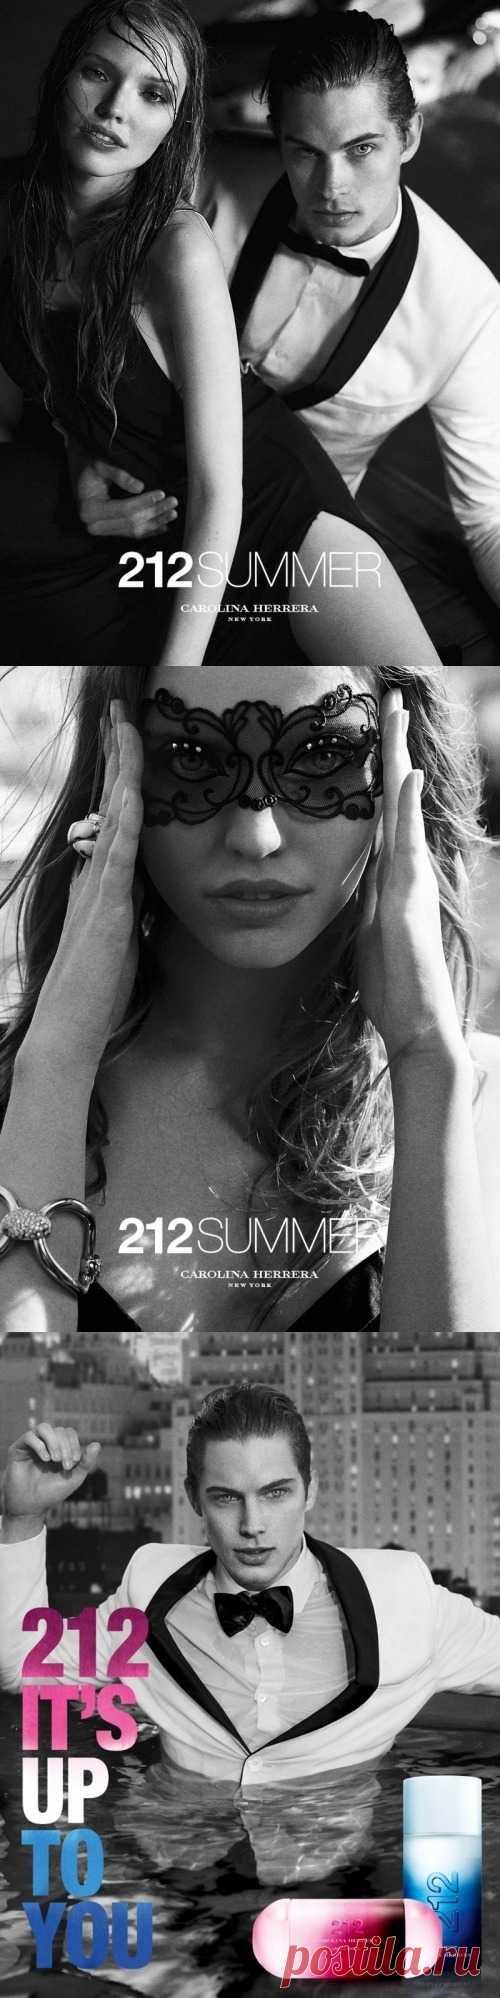 Рекламная кампания парфюма от Carolina Herrera 212